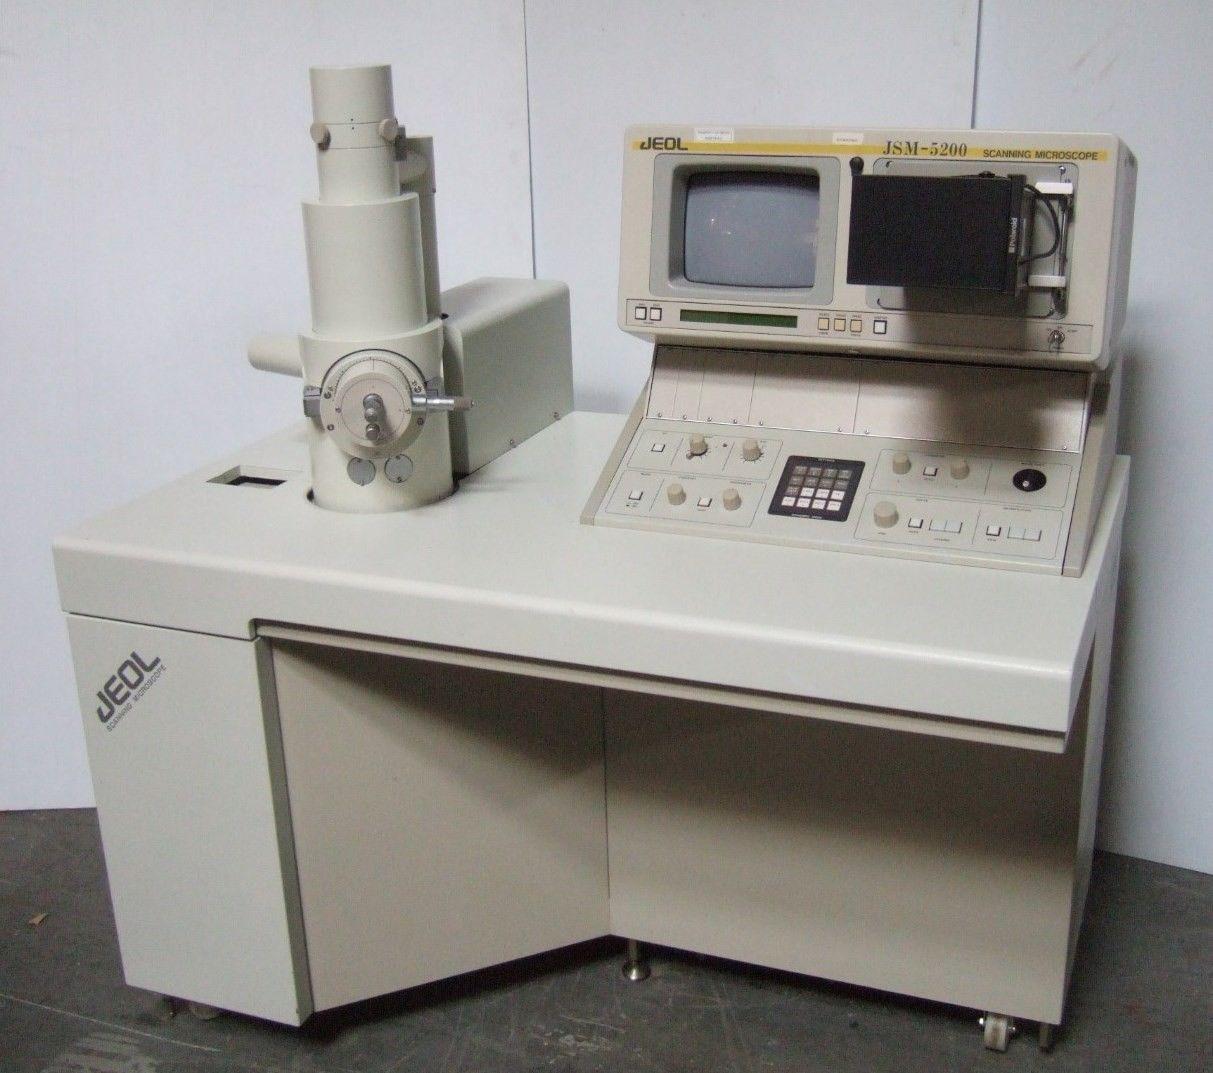 JEOL JSM 5200 SEM Scanning Electron Microscope Nice